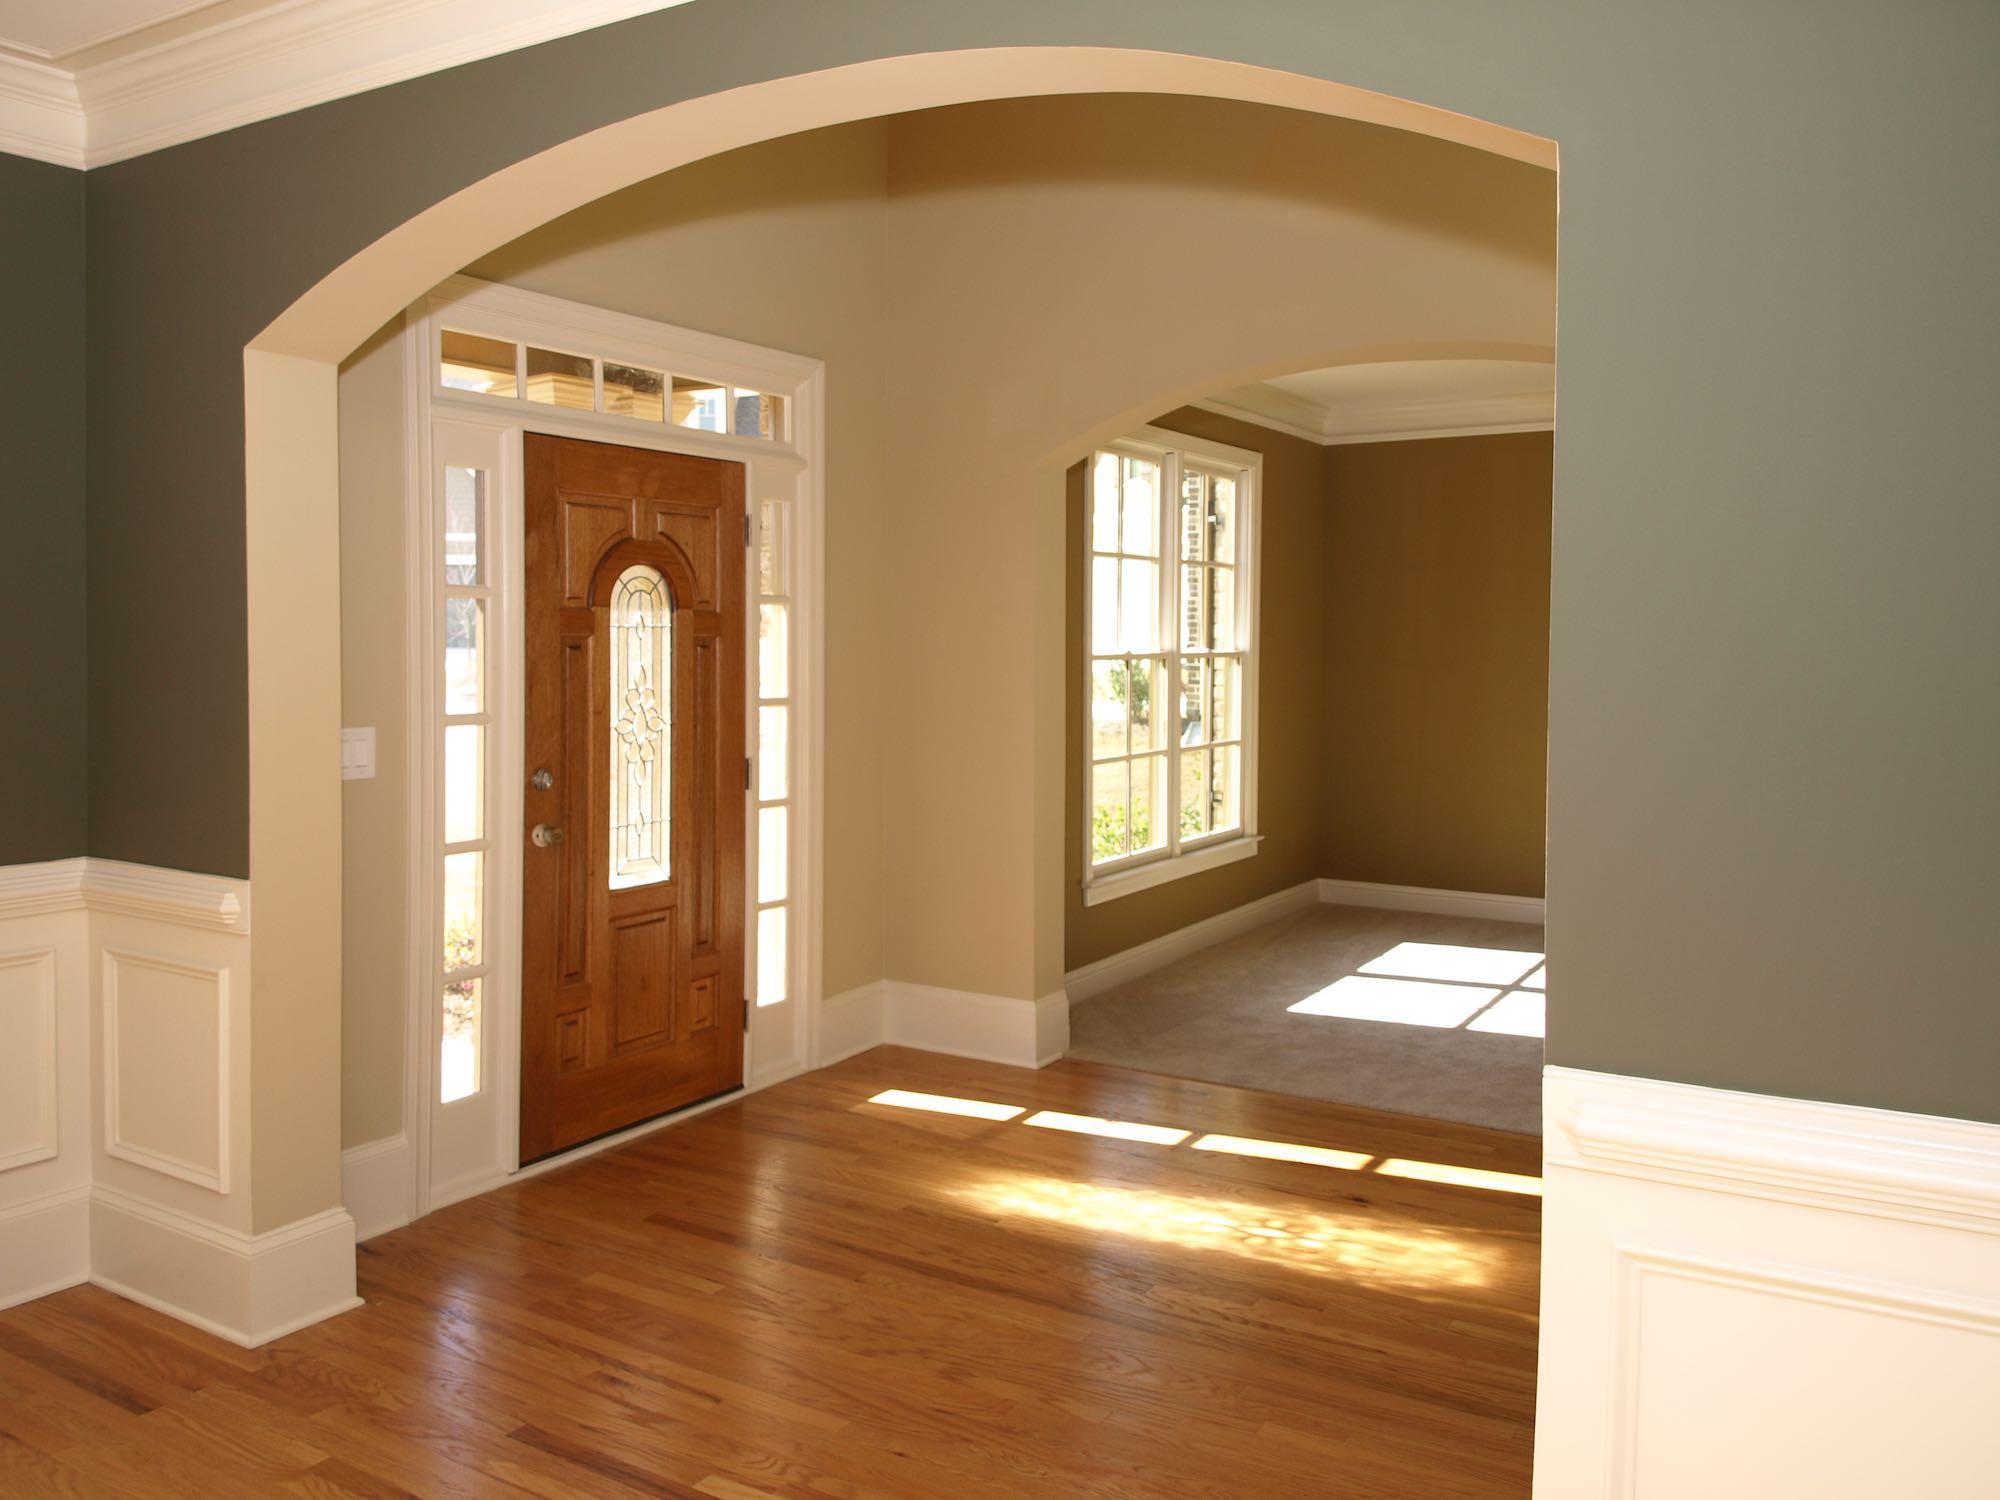 Дизайн коридора с аркой большой